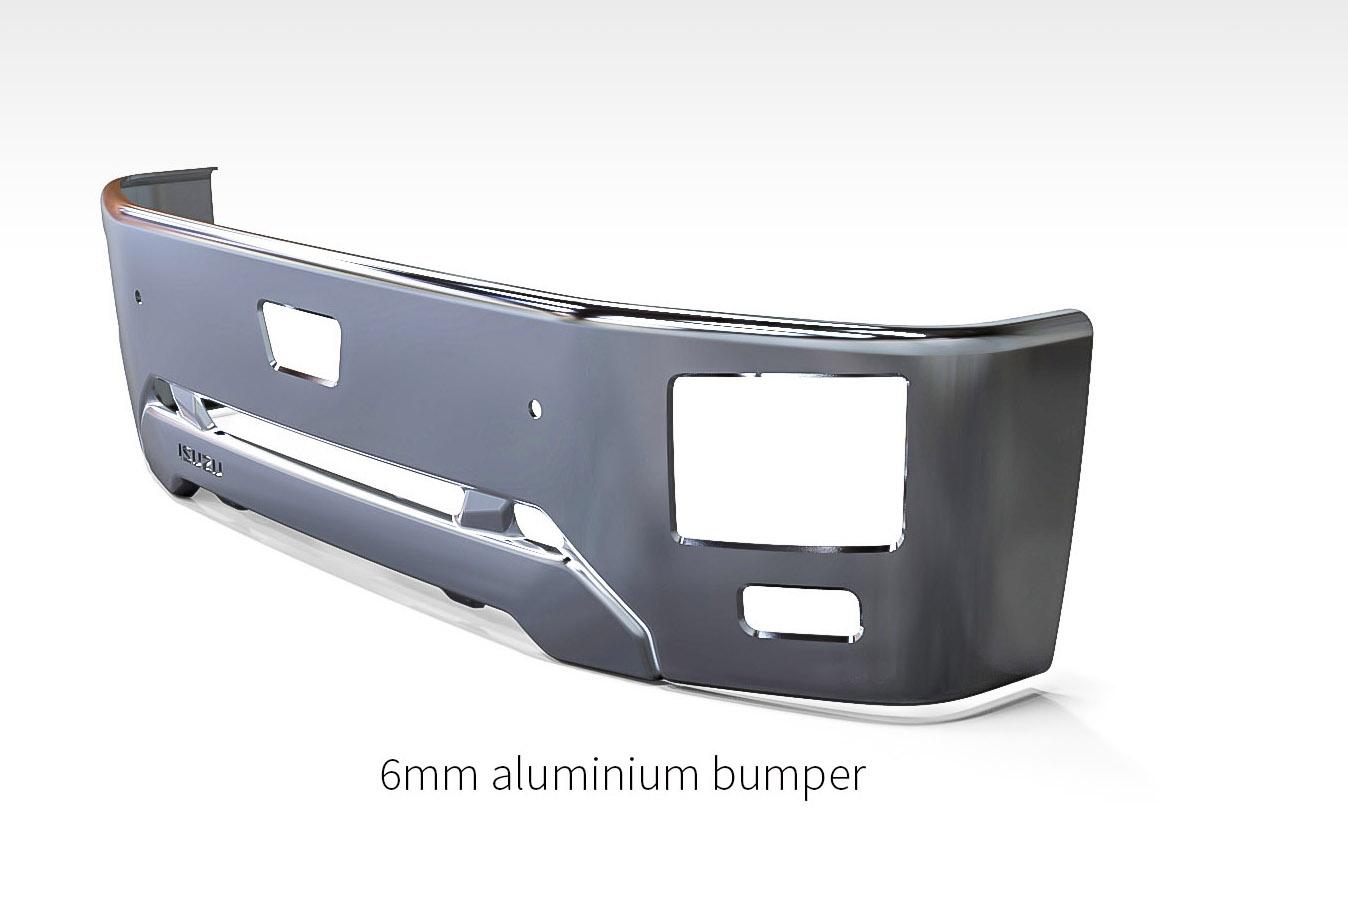 Aluminium Bumper Prototype